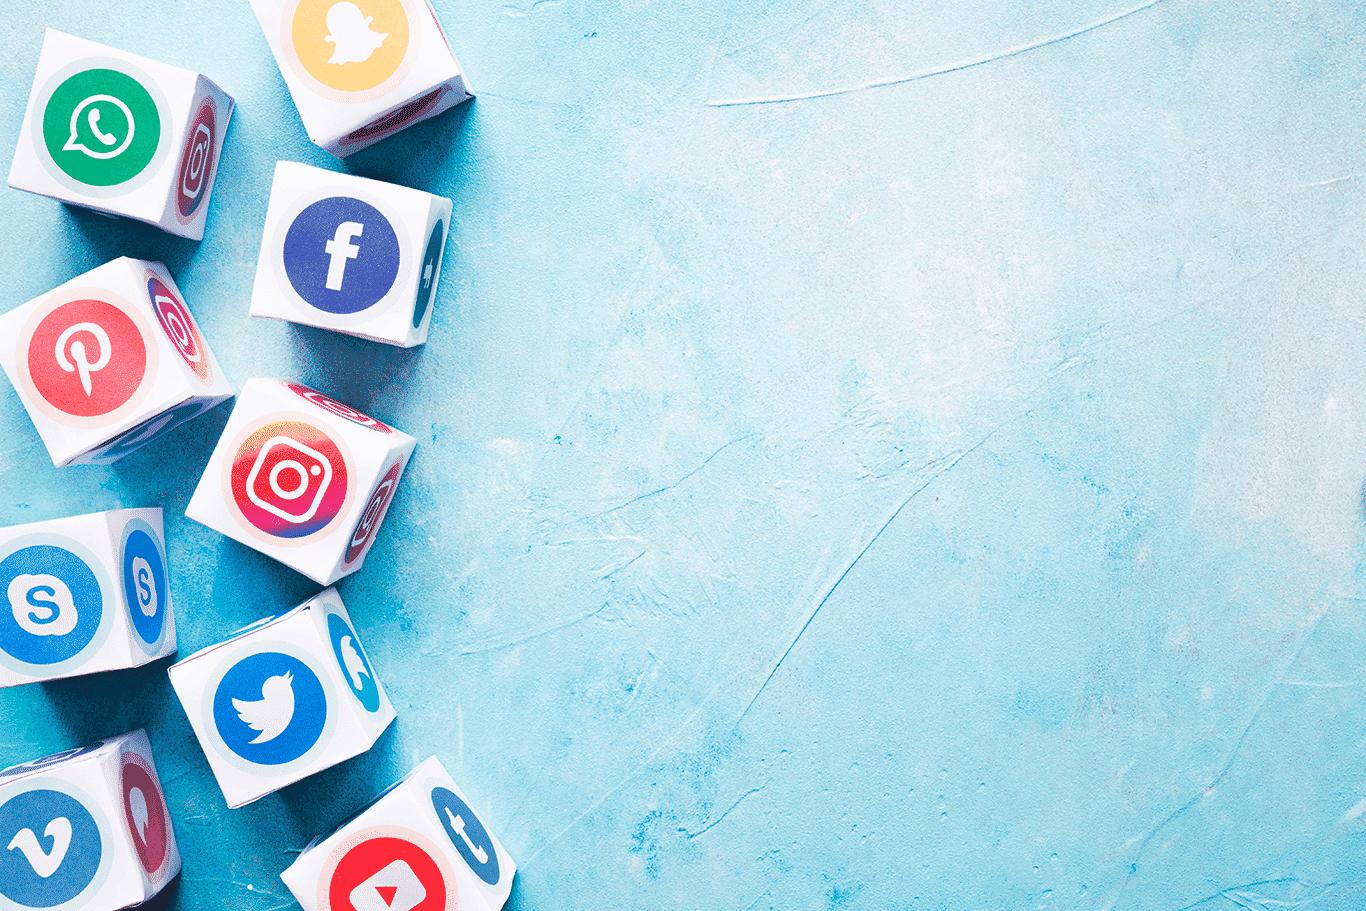 les pièges à éviter sur les réseaux sociaux sociaux acoma martinique guadeloupe guyane